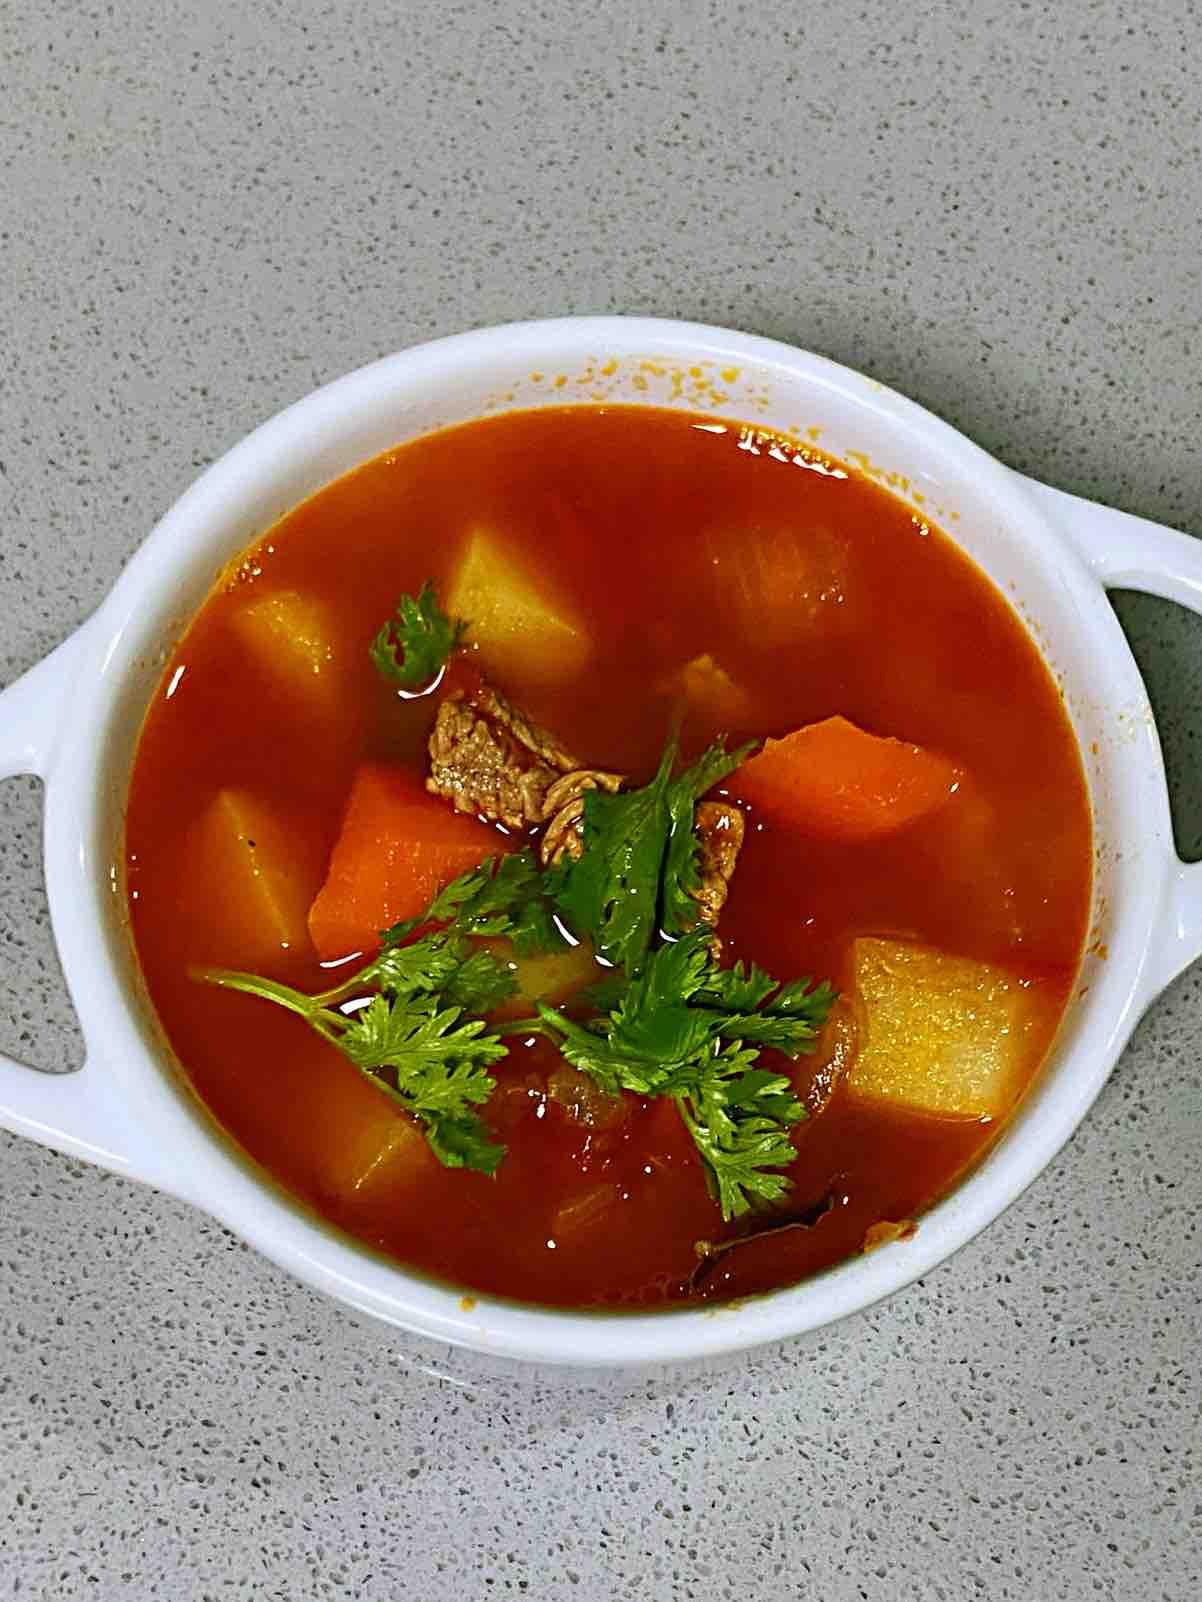 【孕妇食谱】罗宋汤,色彩美丽、汤汁浓郁、酸甜可口,开胃营养又健脾~